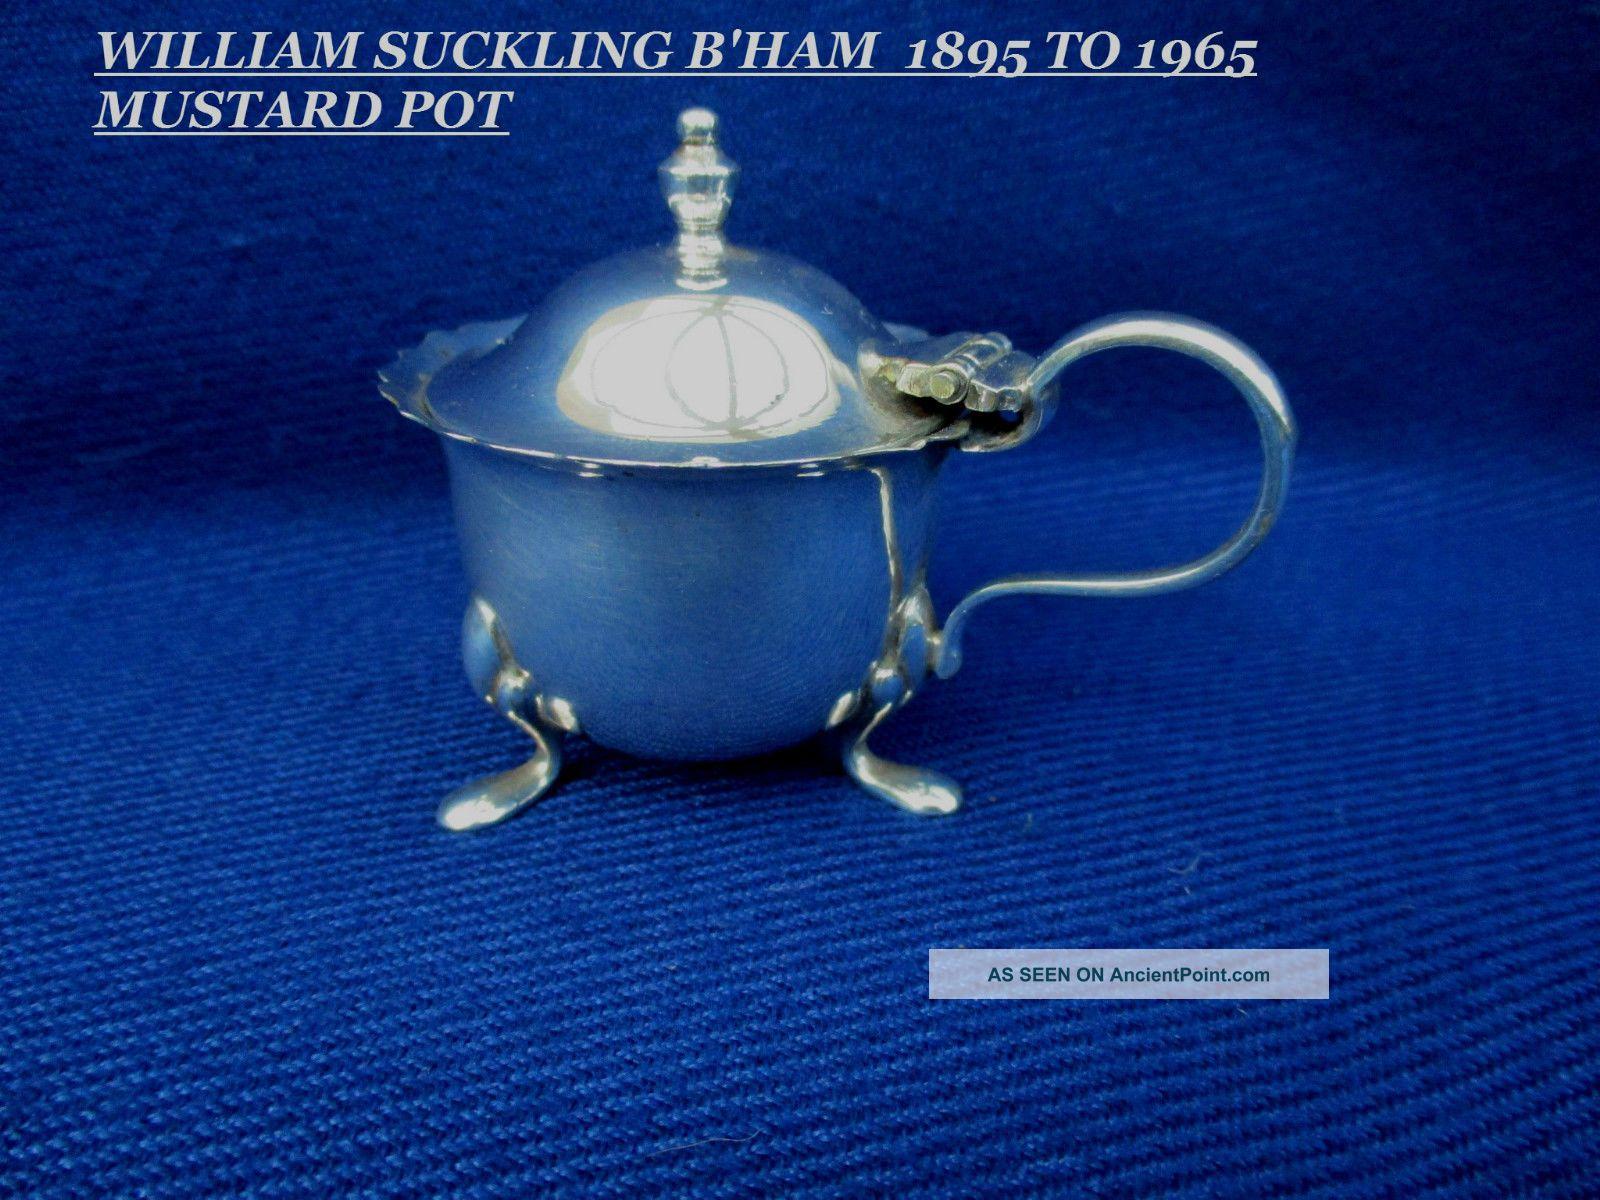 Vintage William Suckling Mustard Pot - Regis Plate - Early 20th Mustard Pots photo